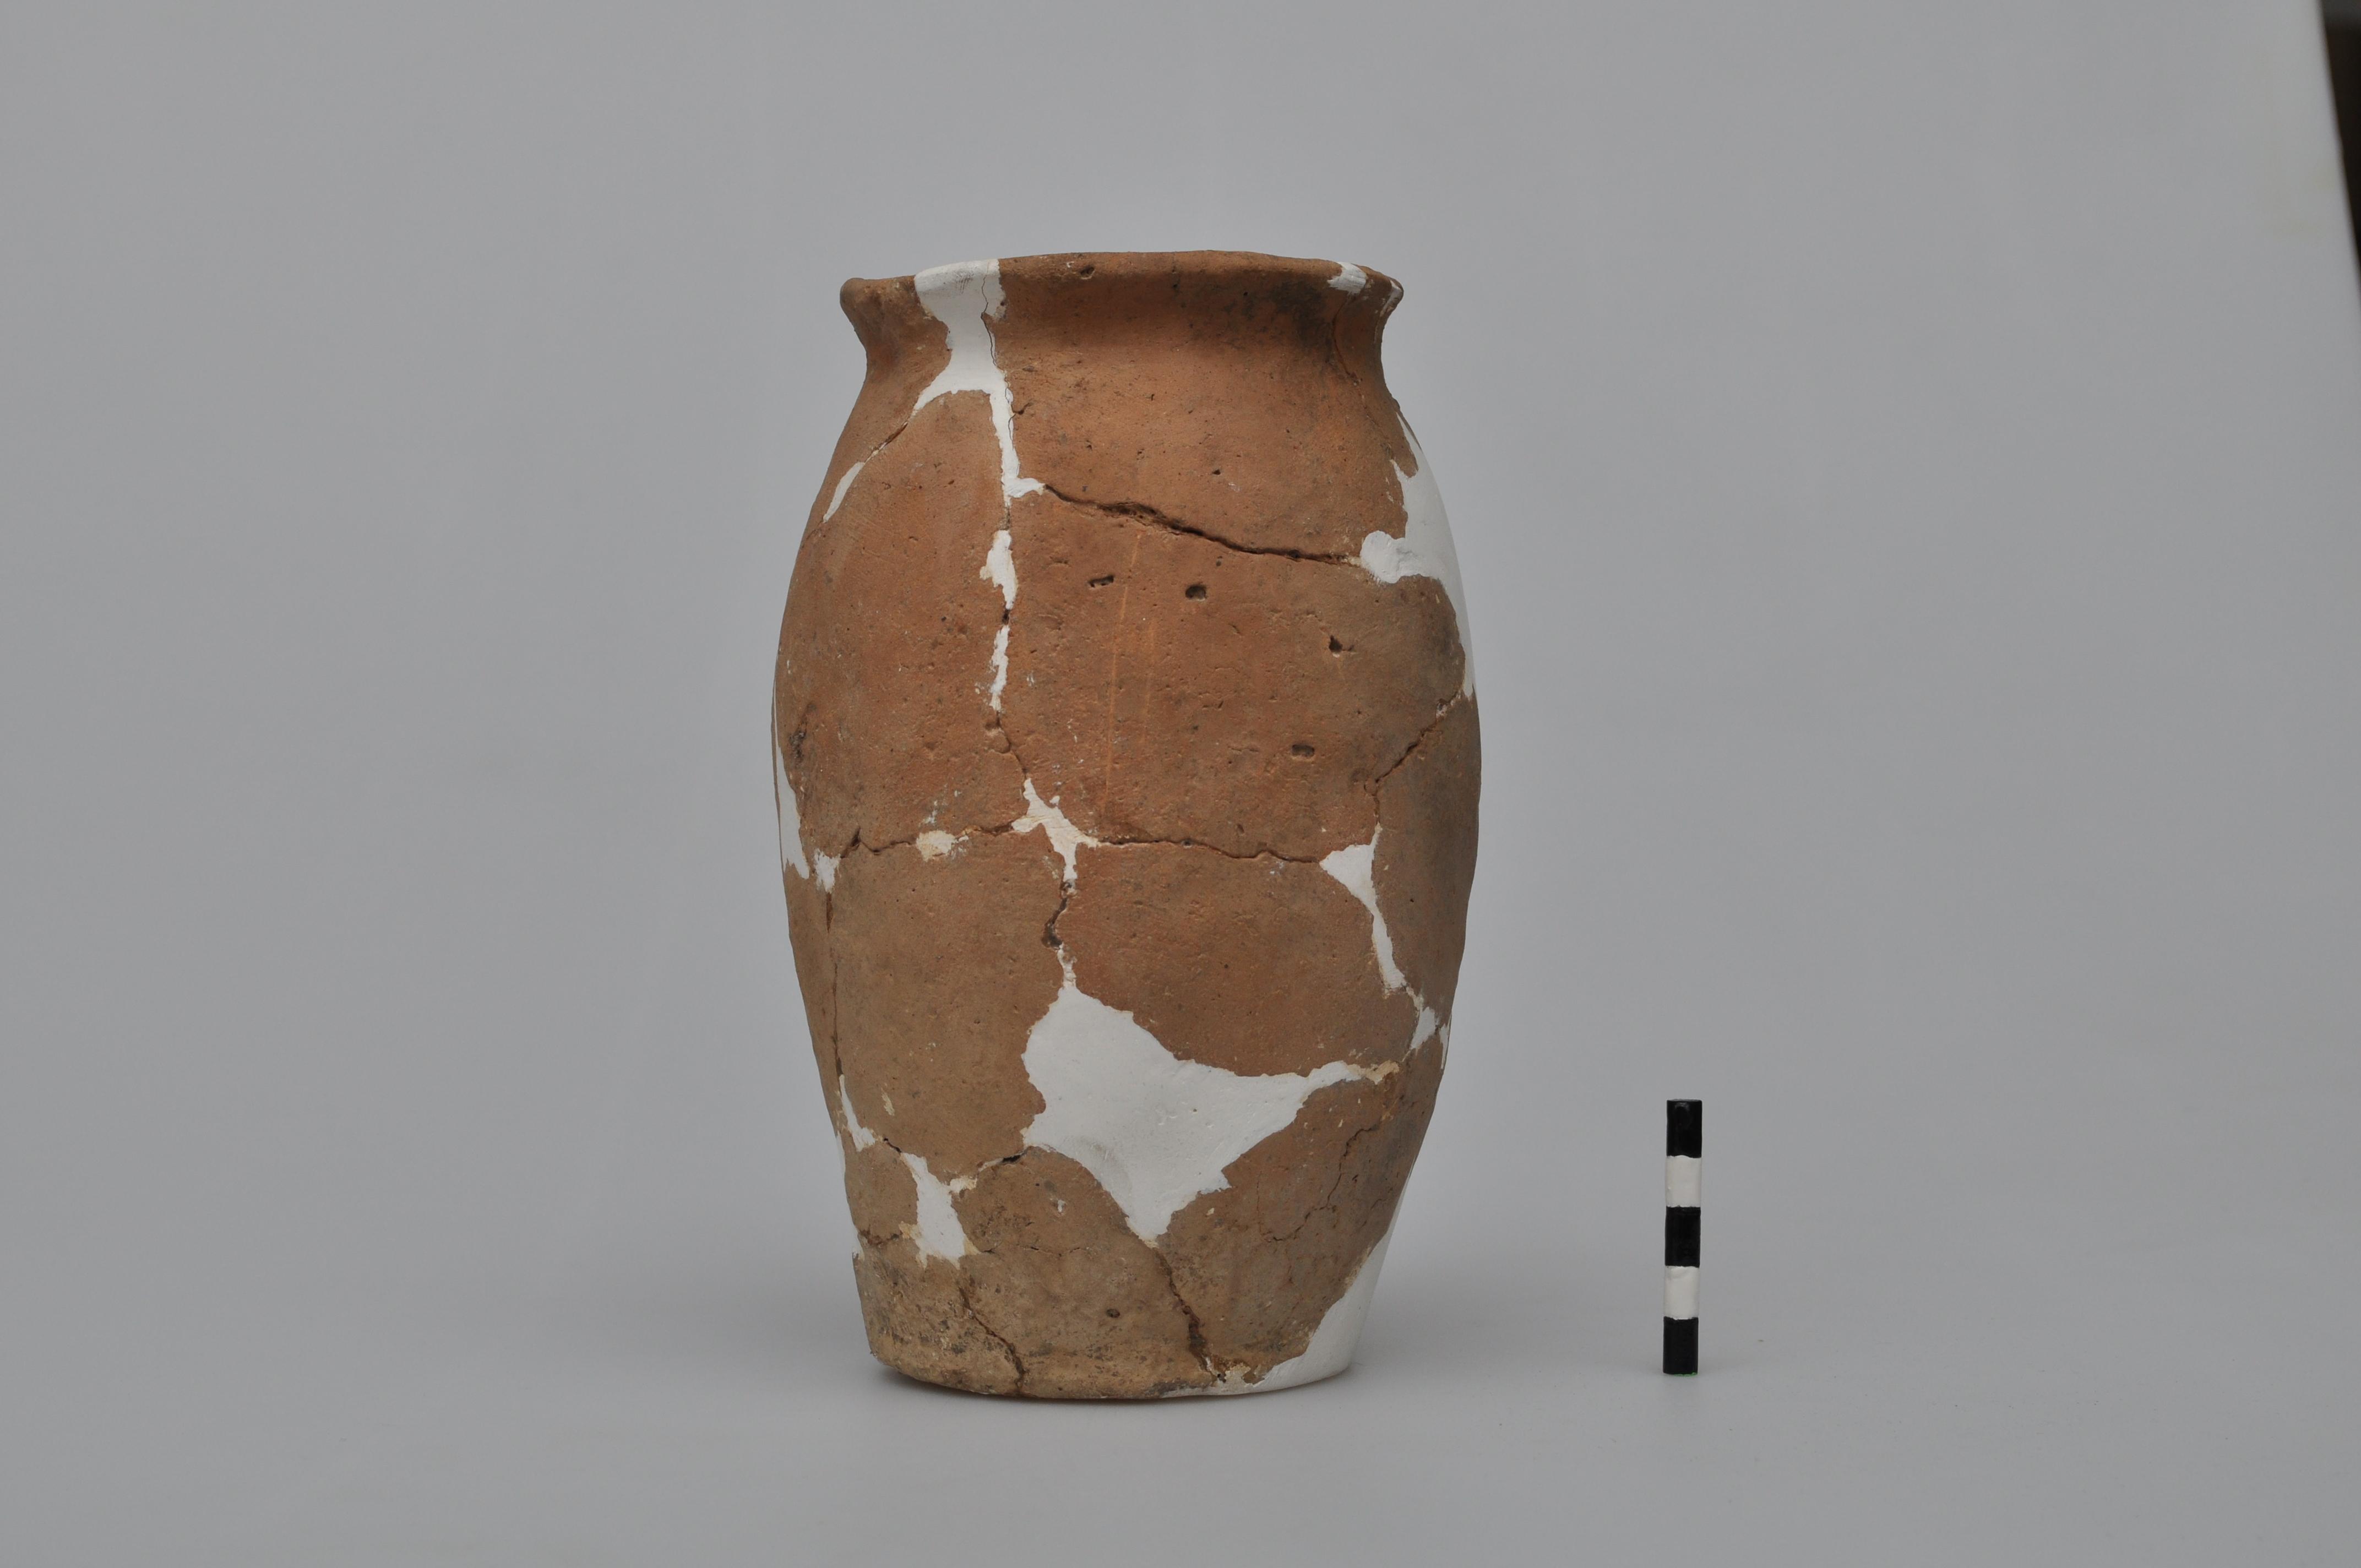 Oală - Romanic - Muzeul Municipiului Bucureşti - BUCUREŞTI (Patrimoniul Cultural National Mobil din Romania. Ordin de clasare: 3997/09.12.2016 - Fond)